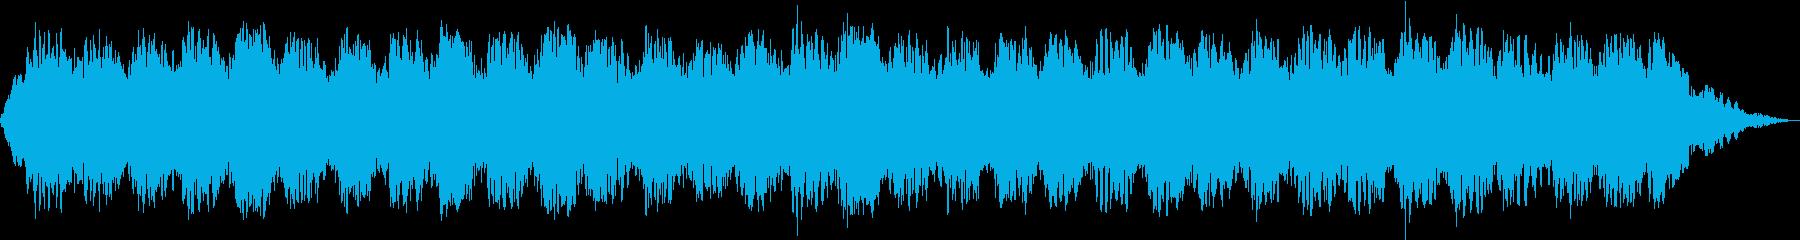 カウンセリングやリハビリに最適な音楽の再生済みの波形